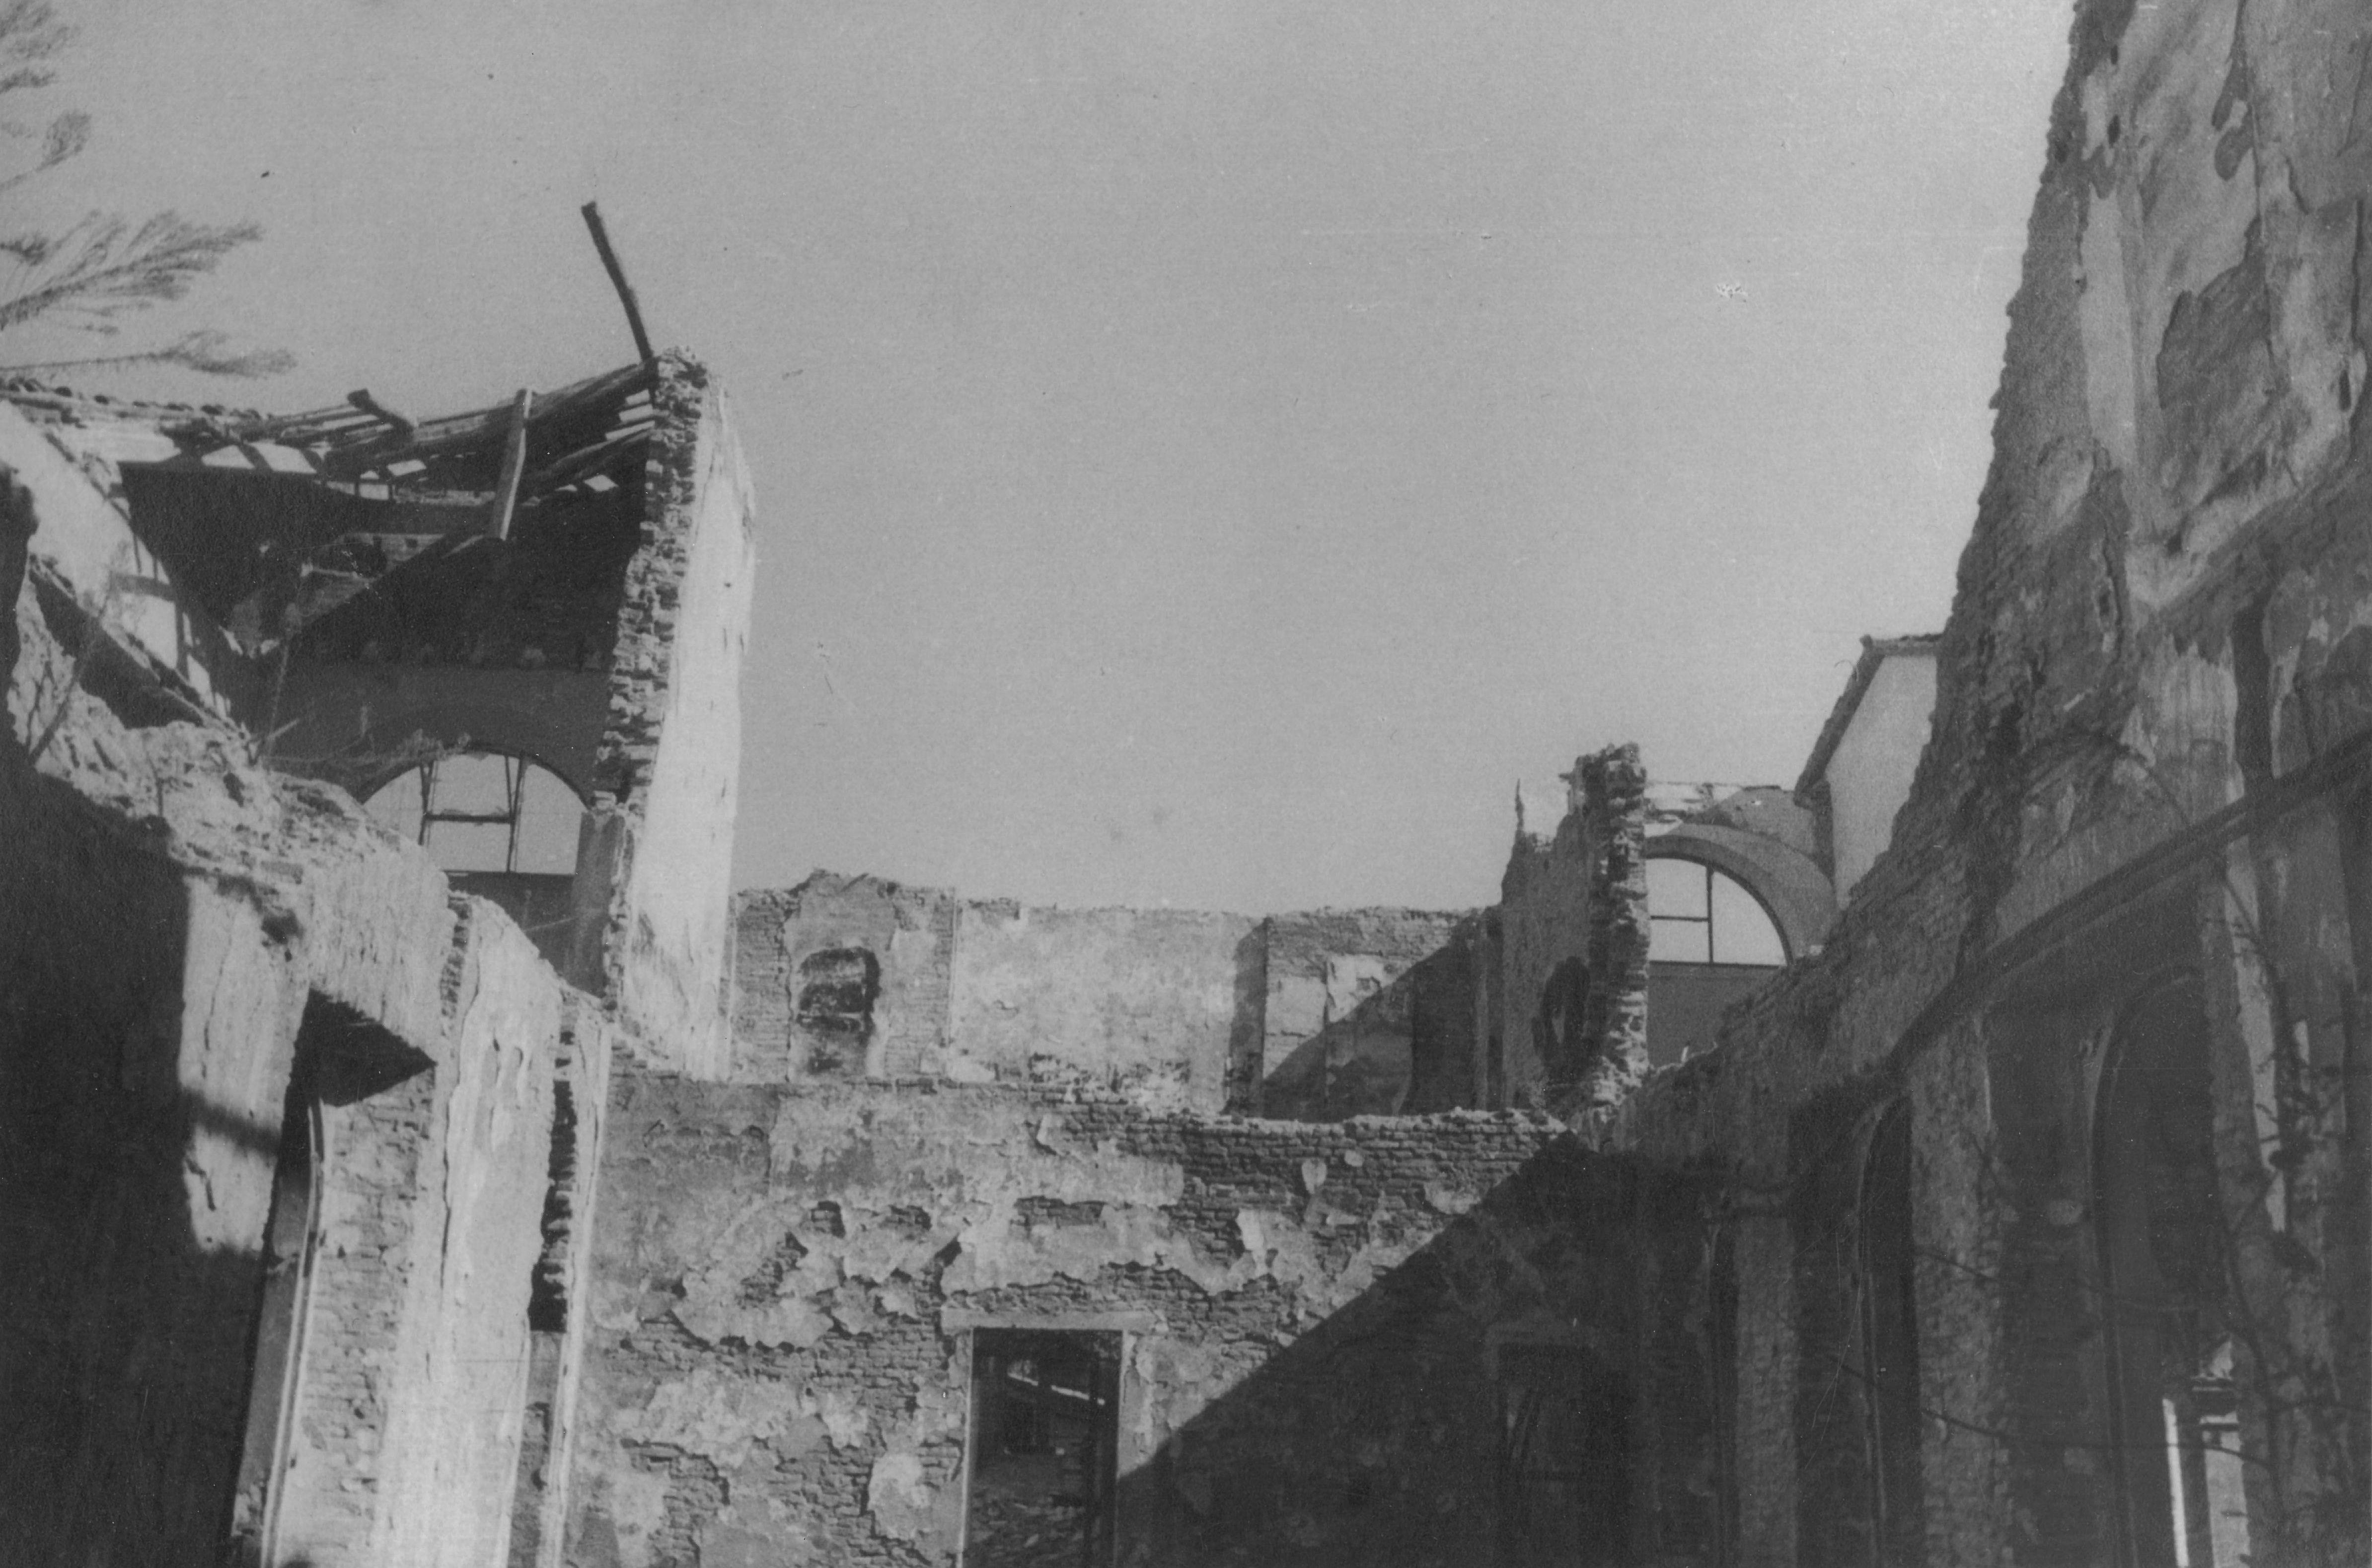 Distruzione patrimonio artistico faenza